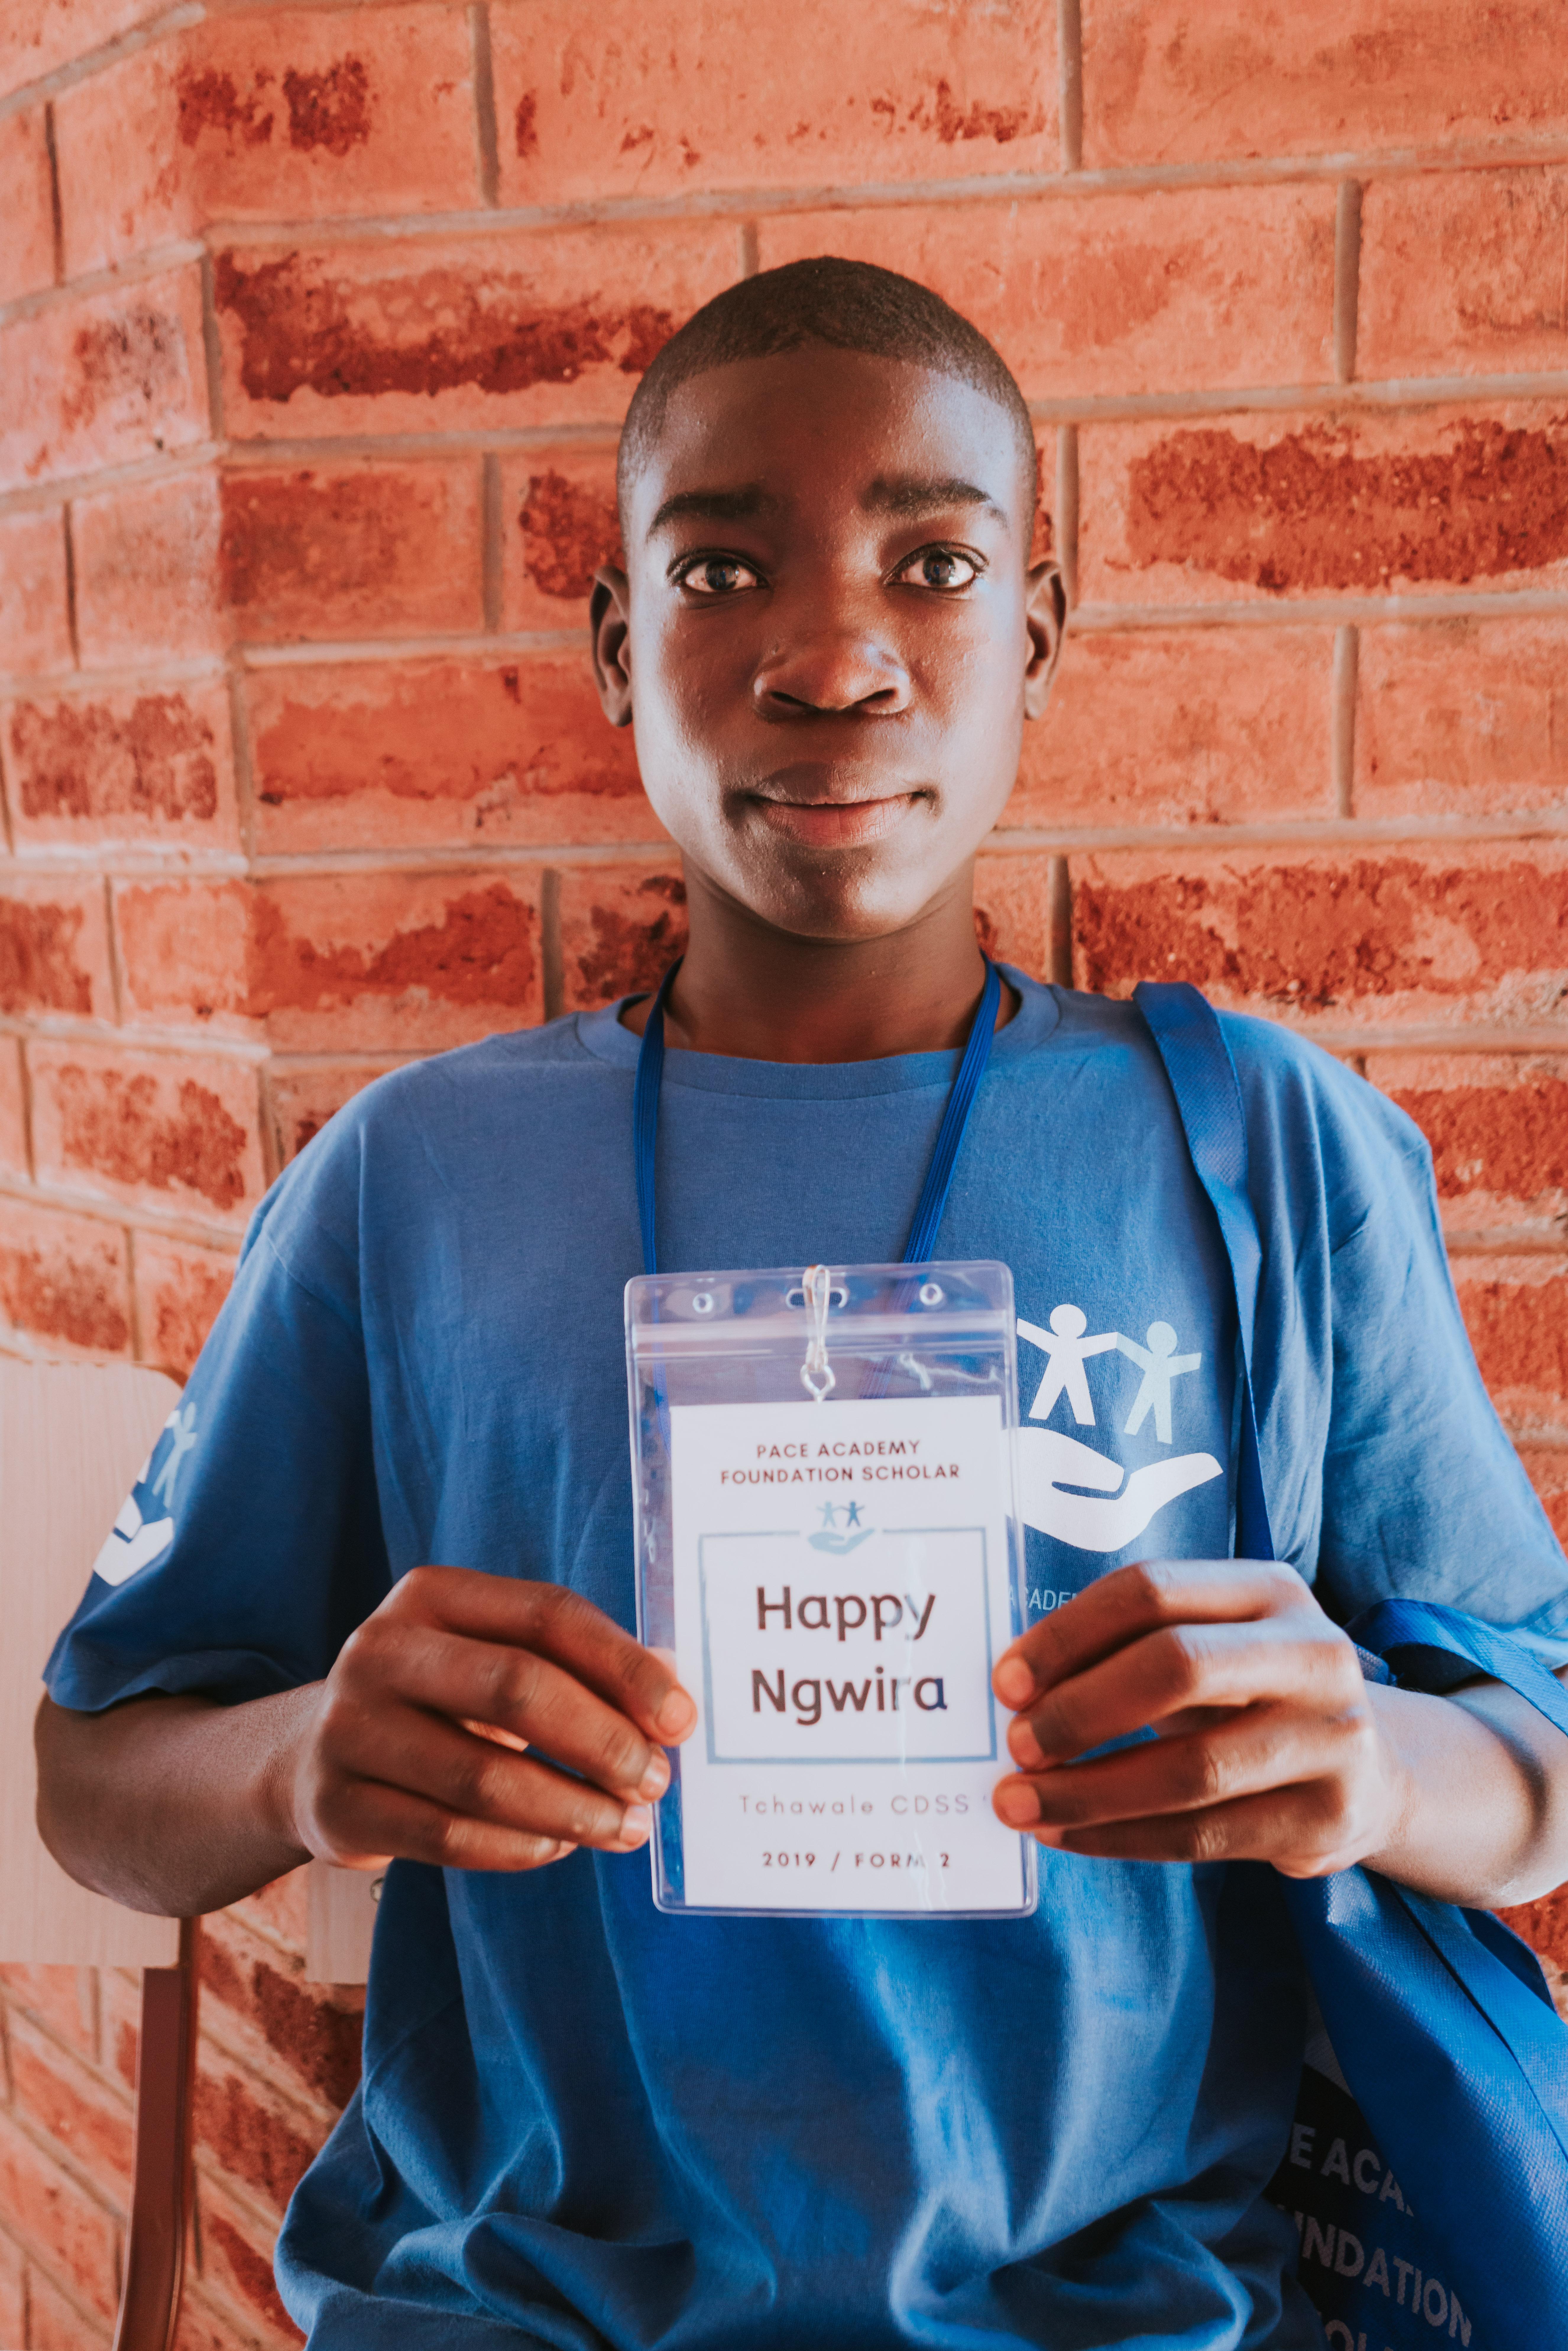 Happy Ngwira (Tchawale CDSS)